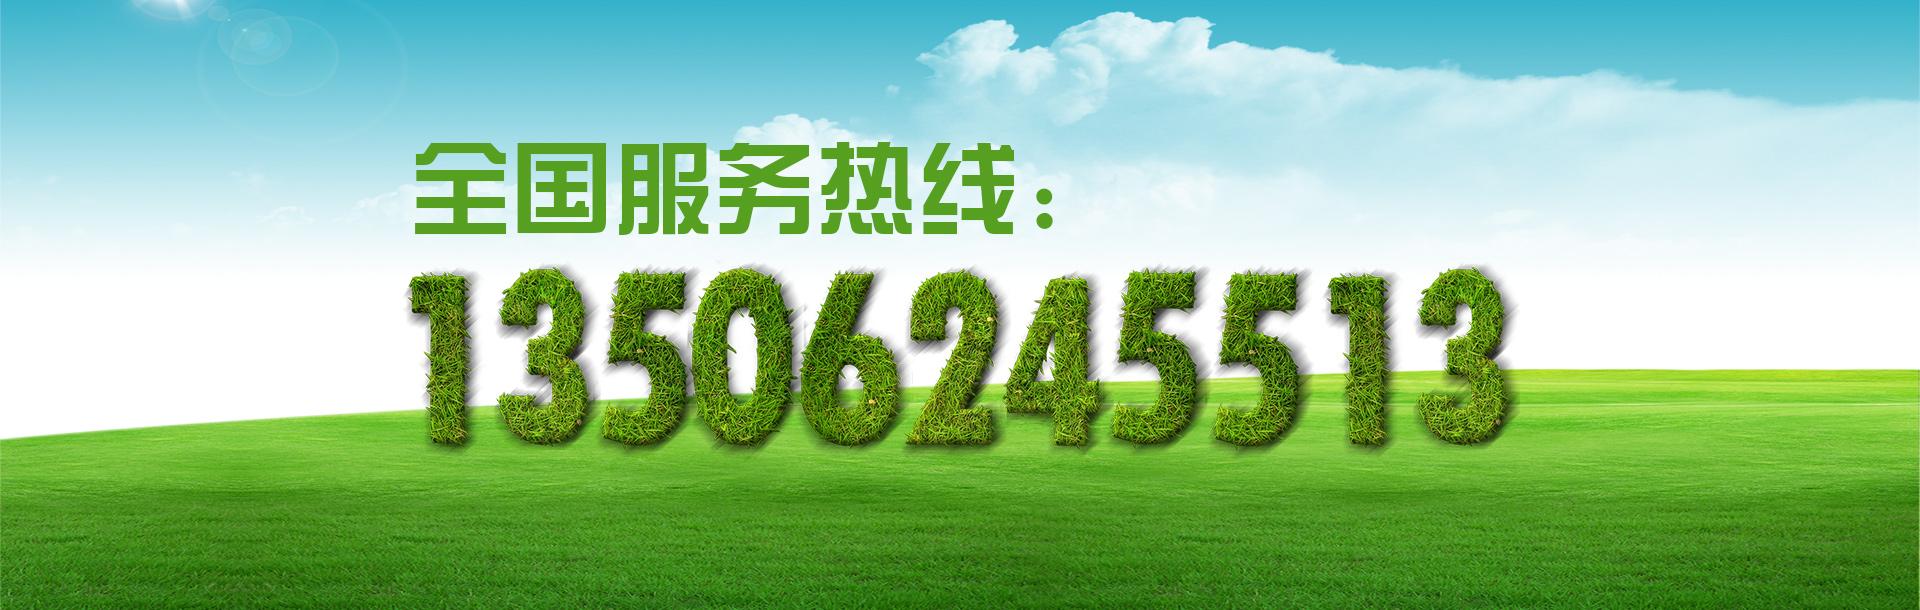 苏州草坪养护基地广告图